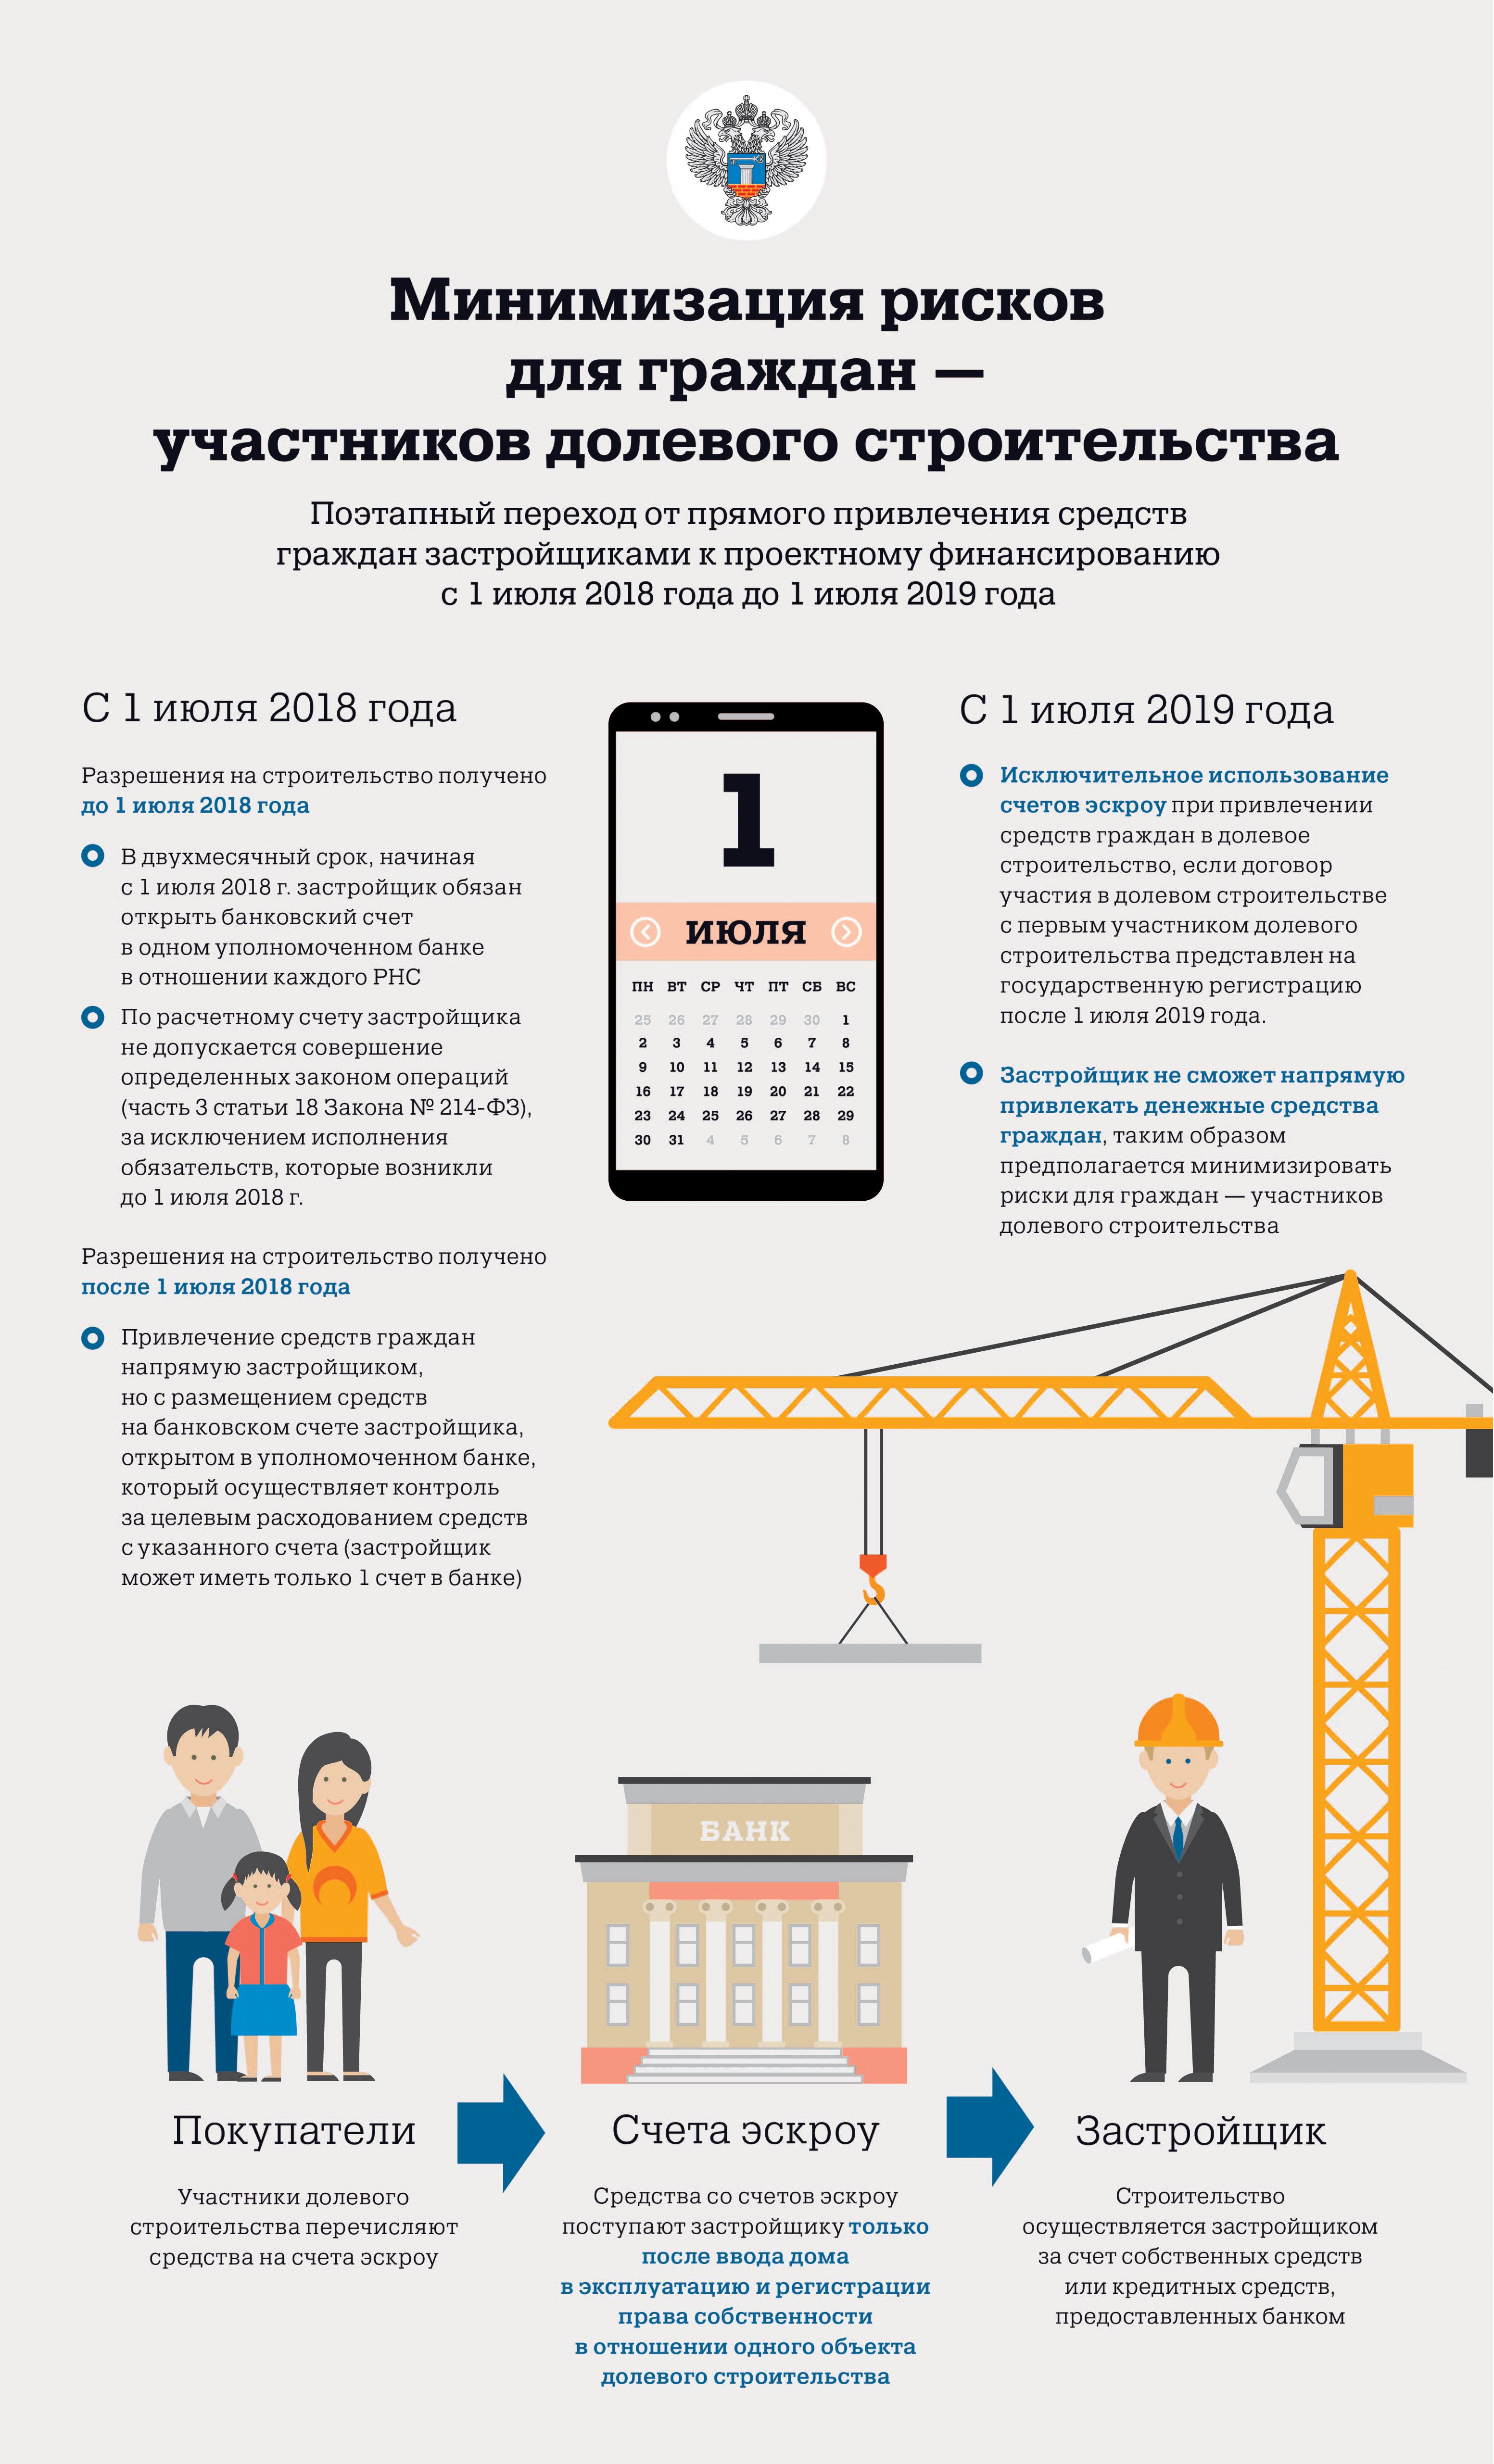 Снос незаконных построек в москве 2020